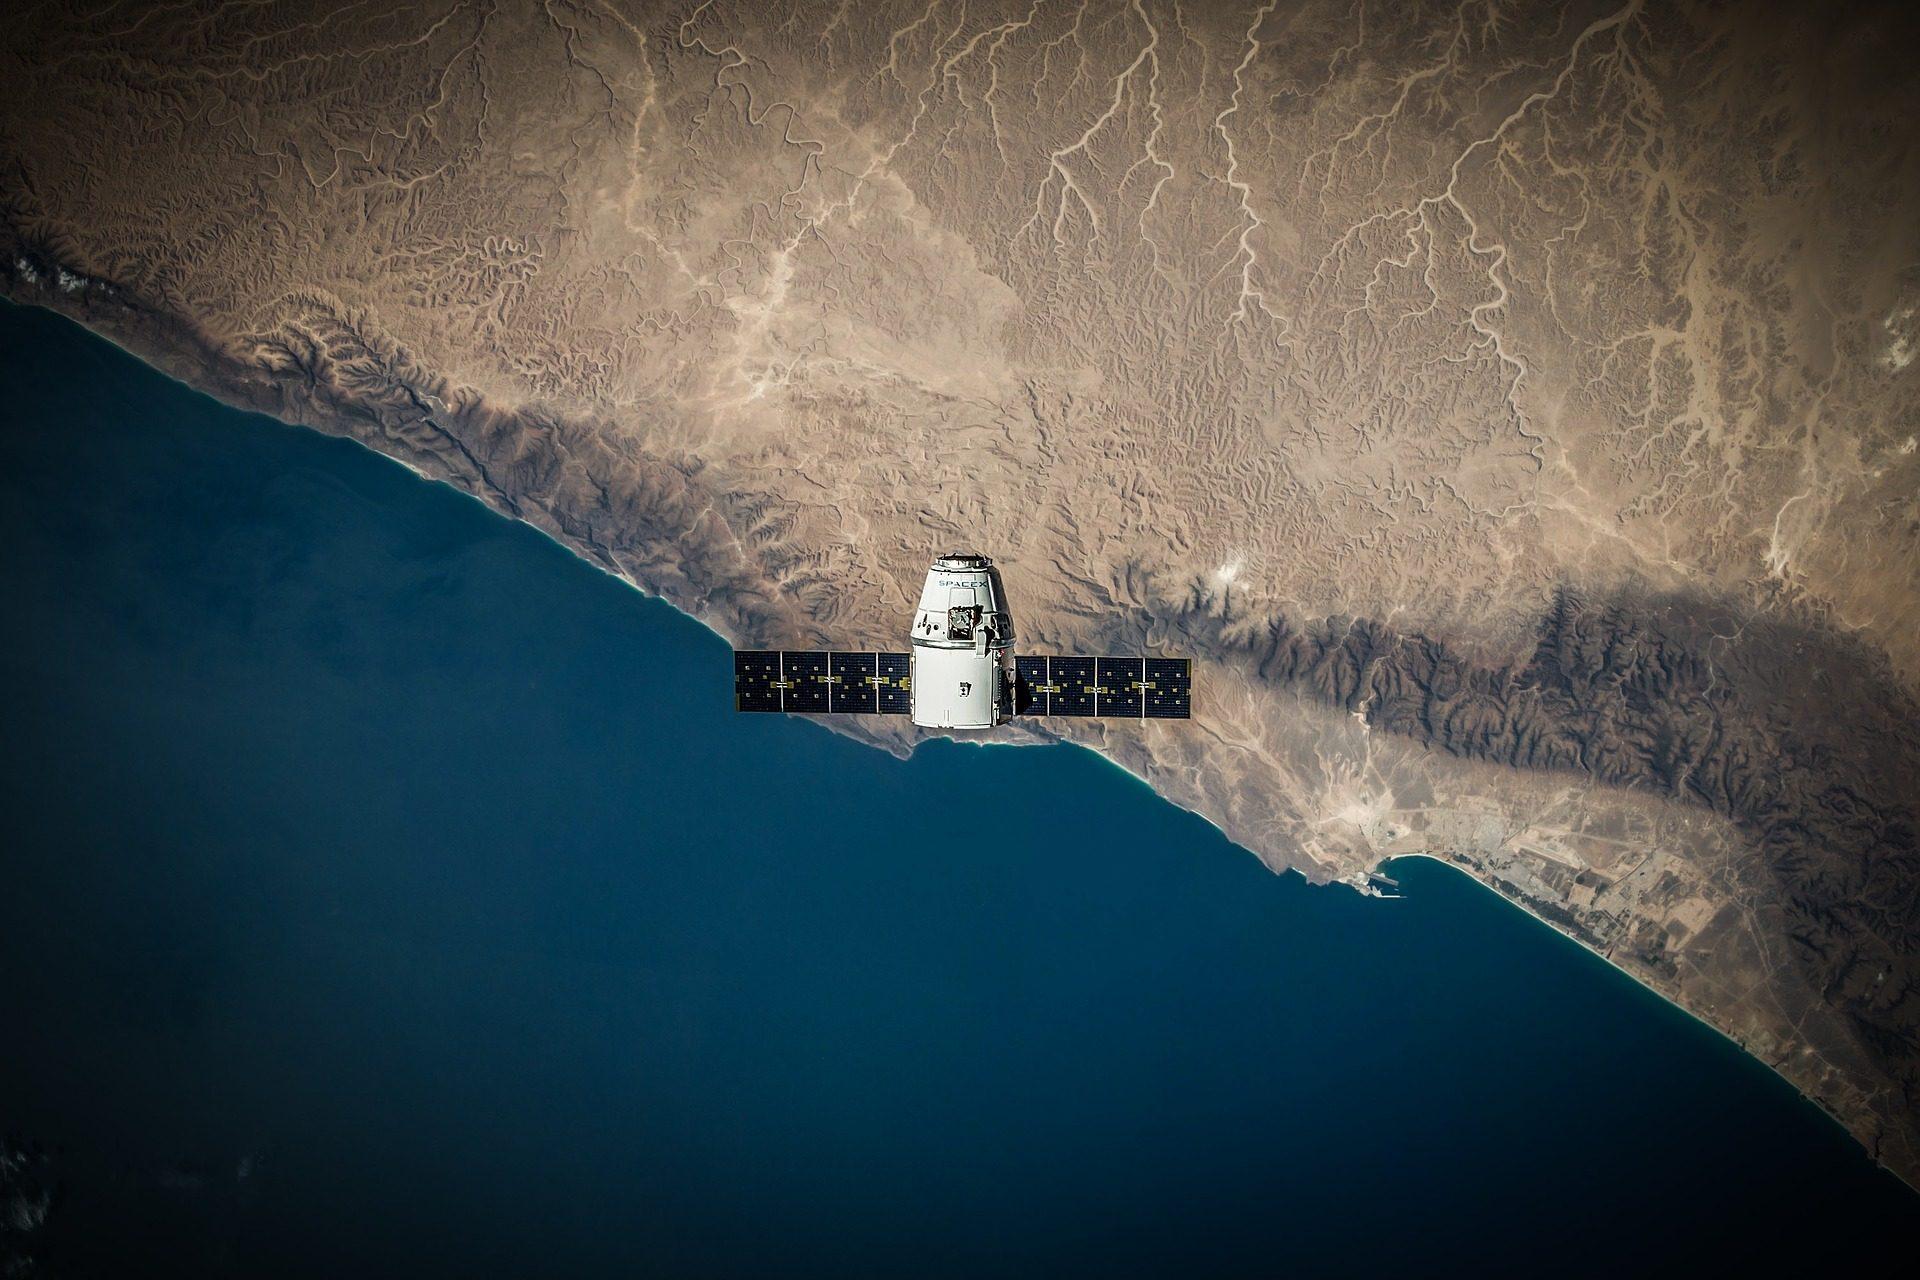 δορυφορική εικόνα, τροχιά, Γη, Ωκεανός, ύψος - Wallpapers HD - Professor-falken.com